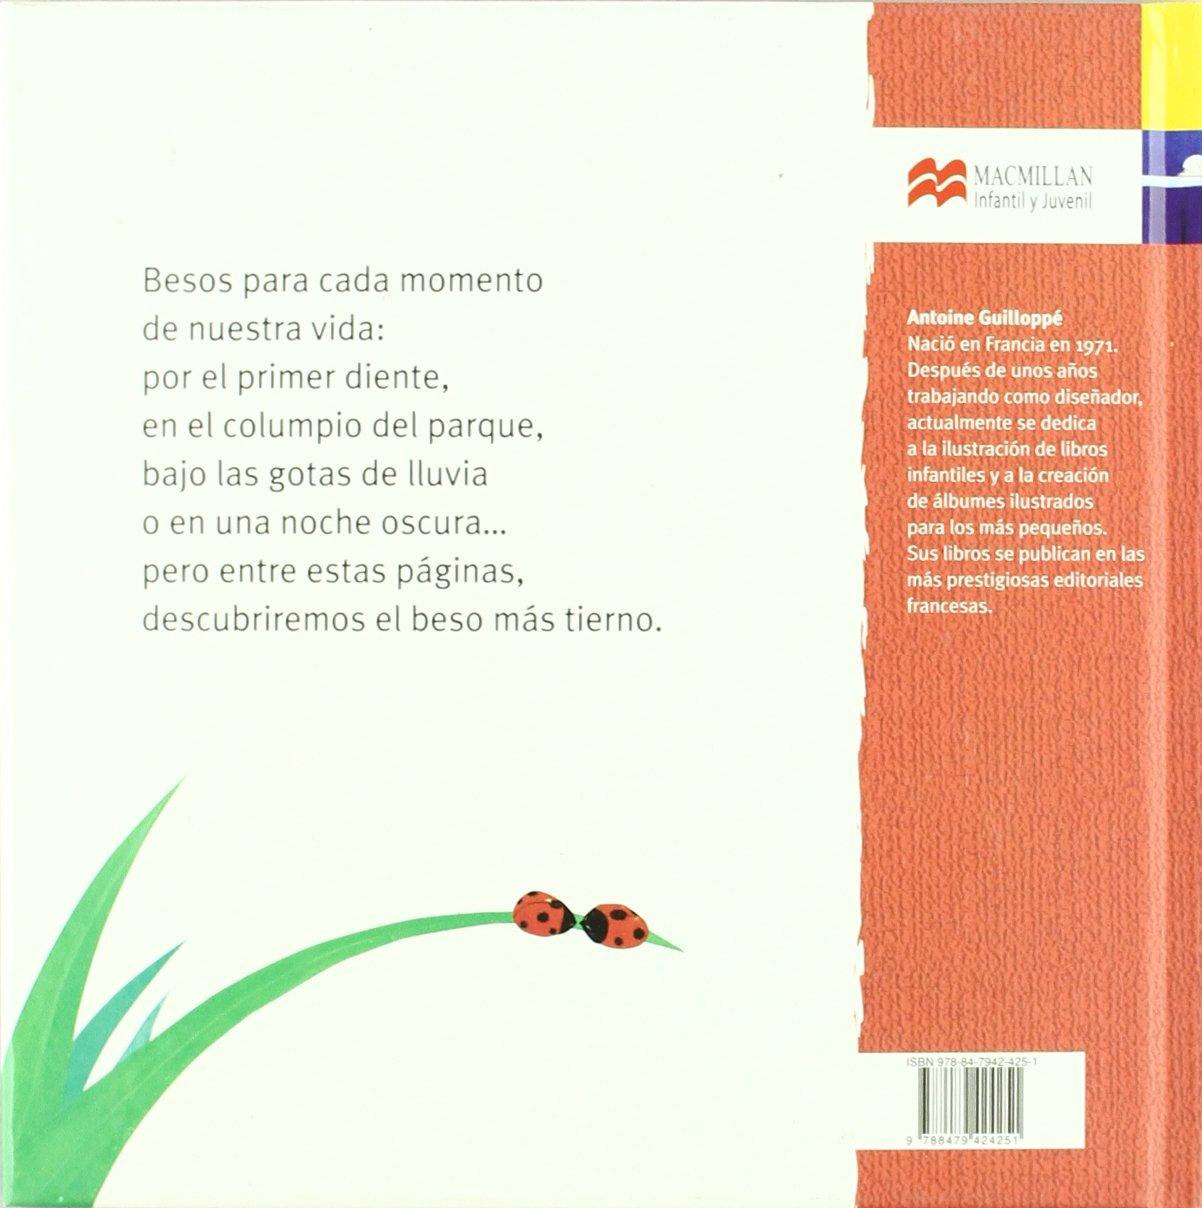 Besos para cada momento (Librosaurio) (Spanish Edition): Antoine Guilloppé: 9788479424251: Amazon.com: Books